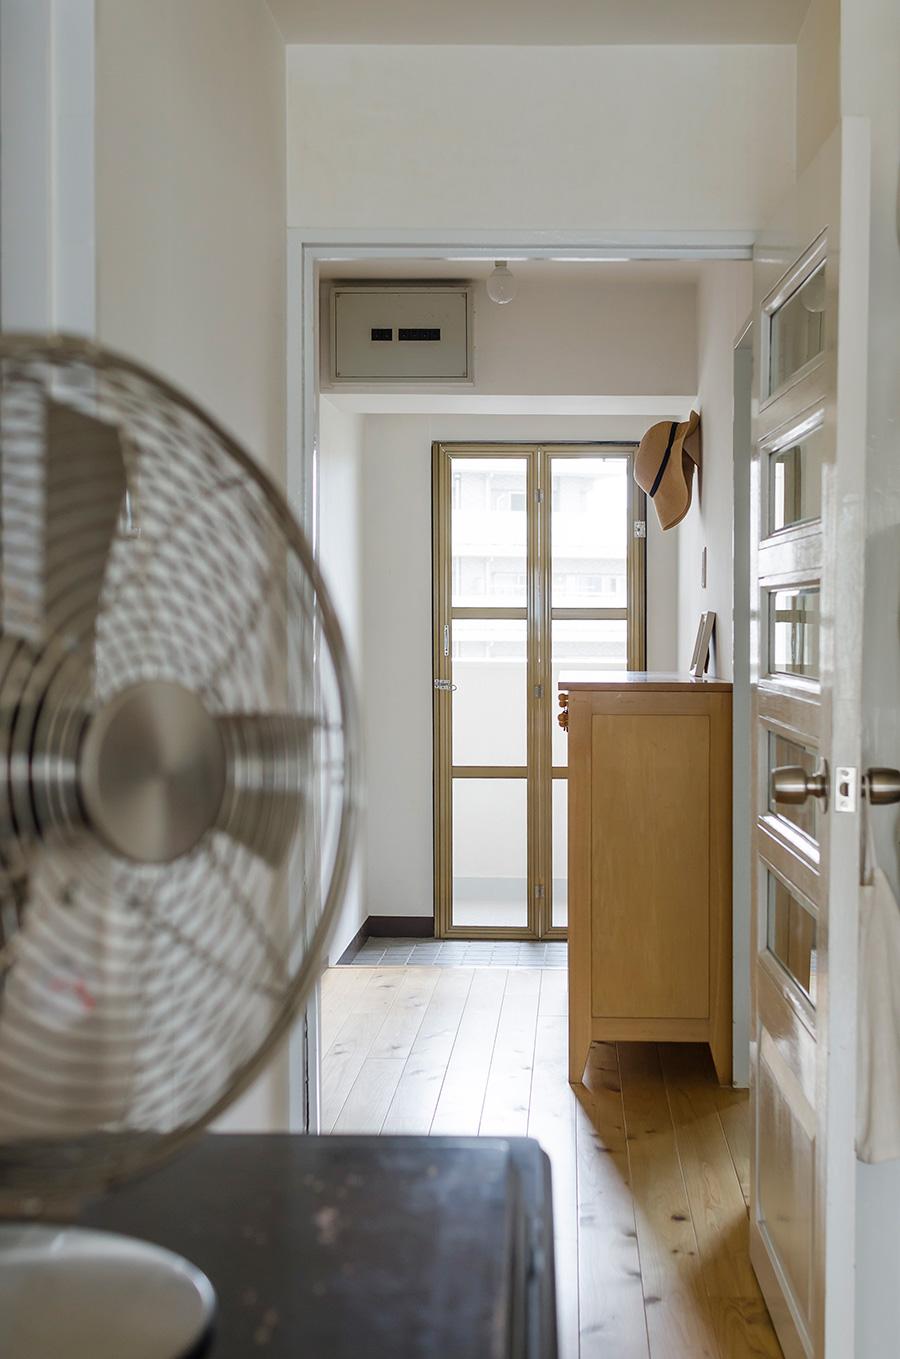 リビングから玄関まで光と風が通り抜ける。家族の気配が感じられるよう、ガラスをあしらったドアを採用した。